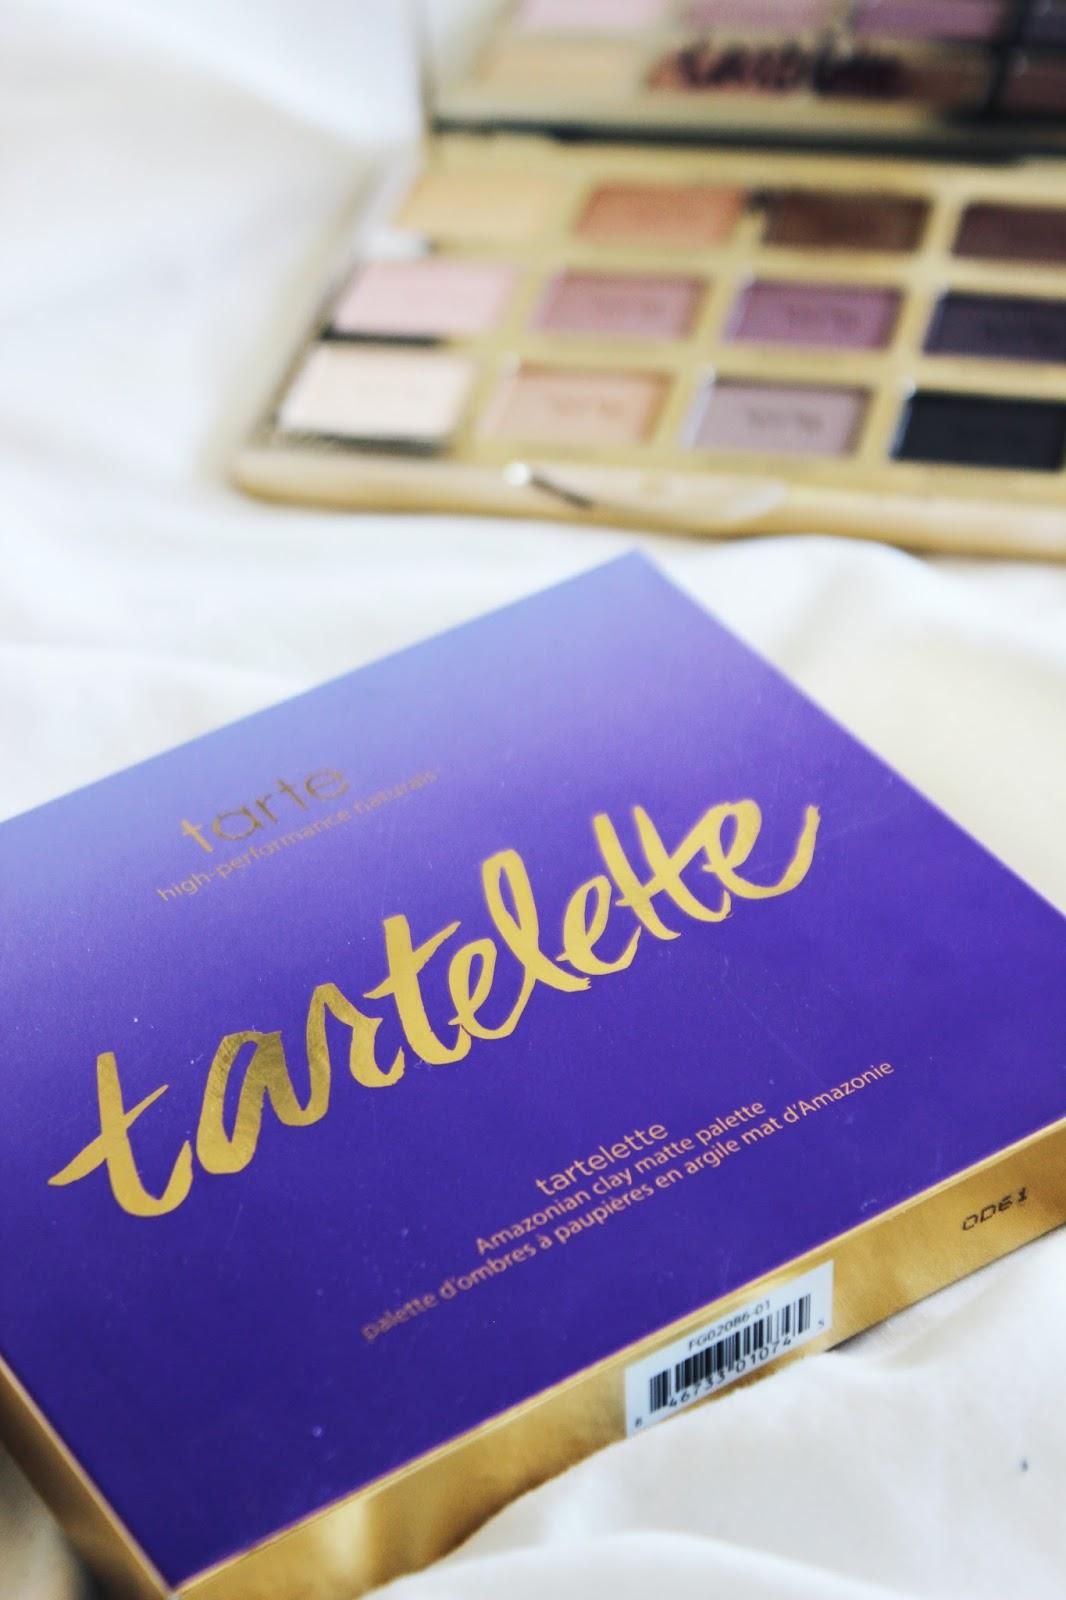 Tarte Tartlette Amazonian Clay Palette Packaging